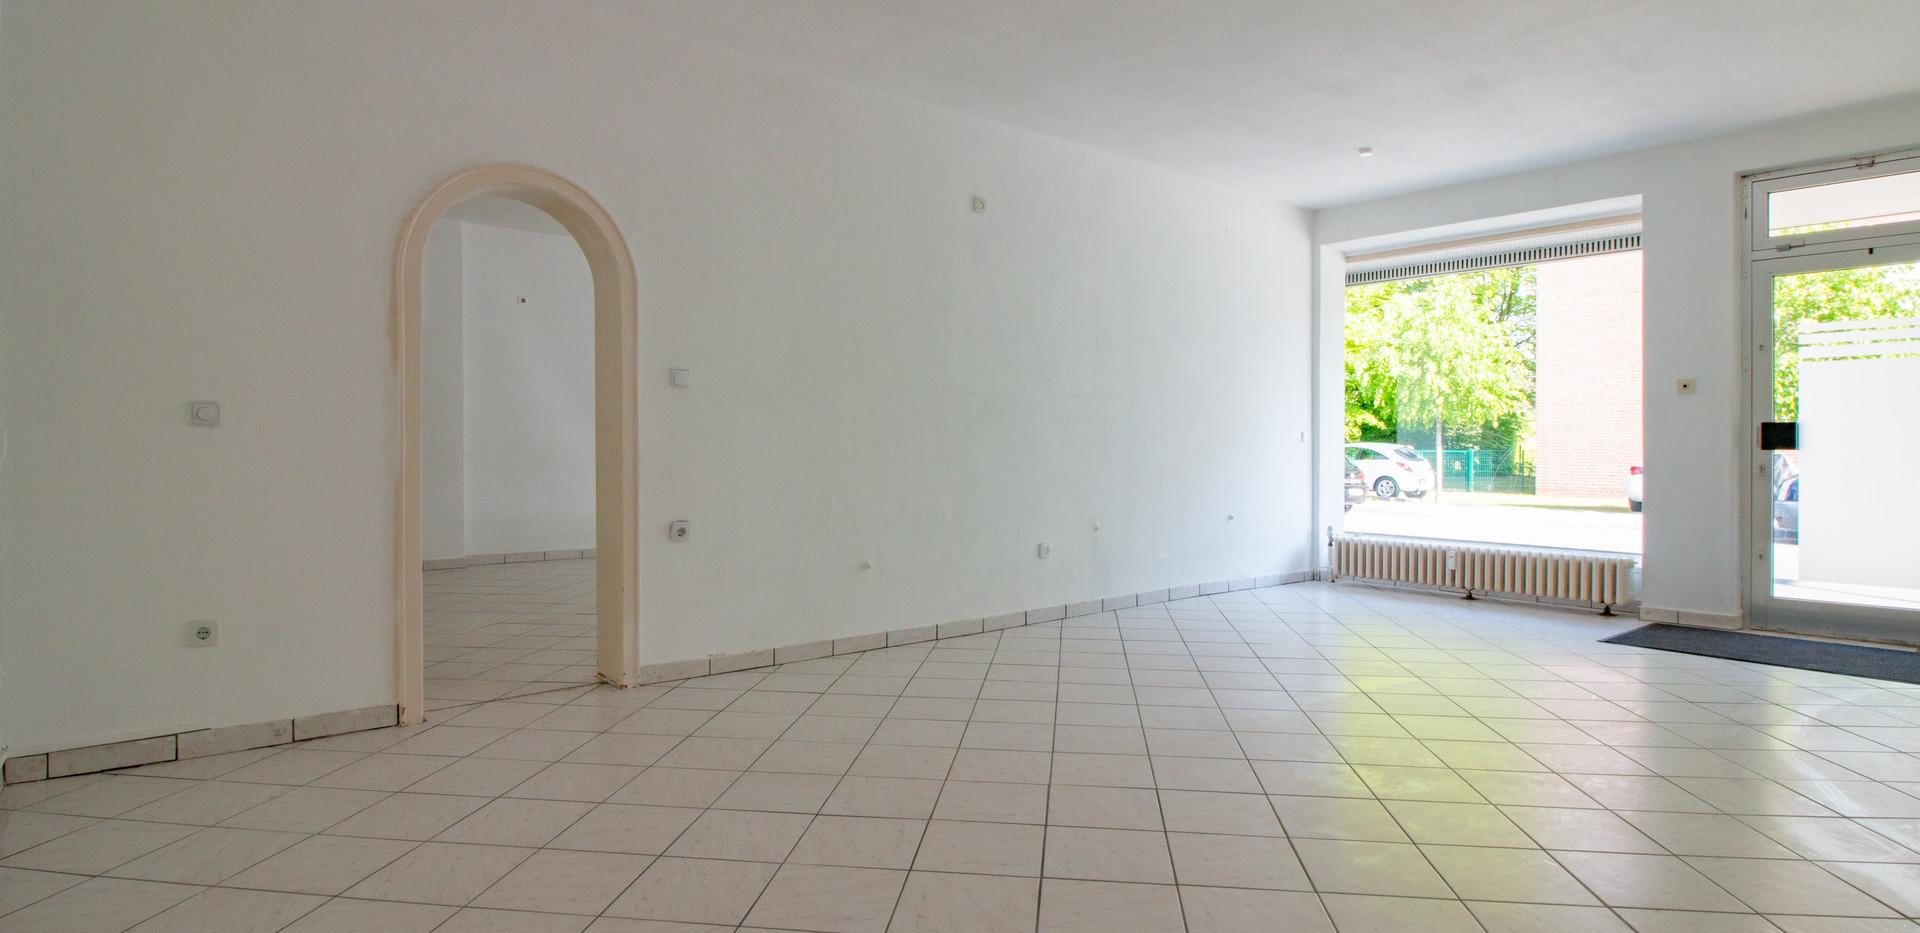 Raum 1 Eingangsbereich